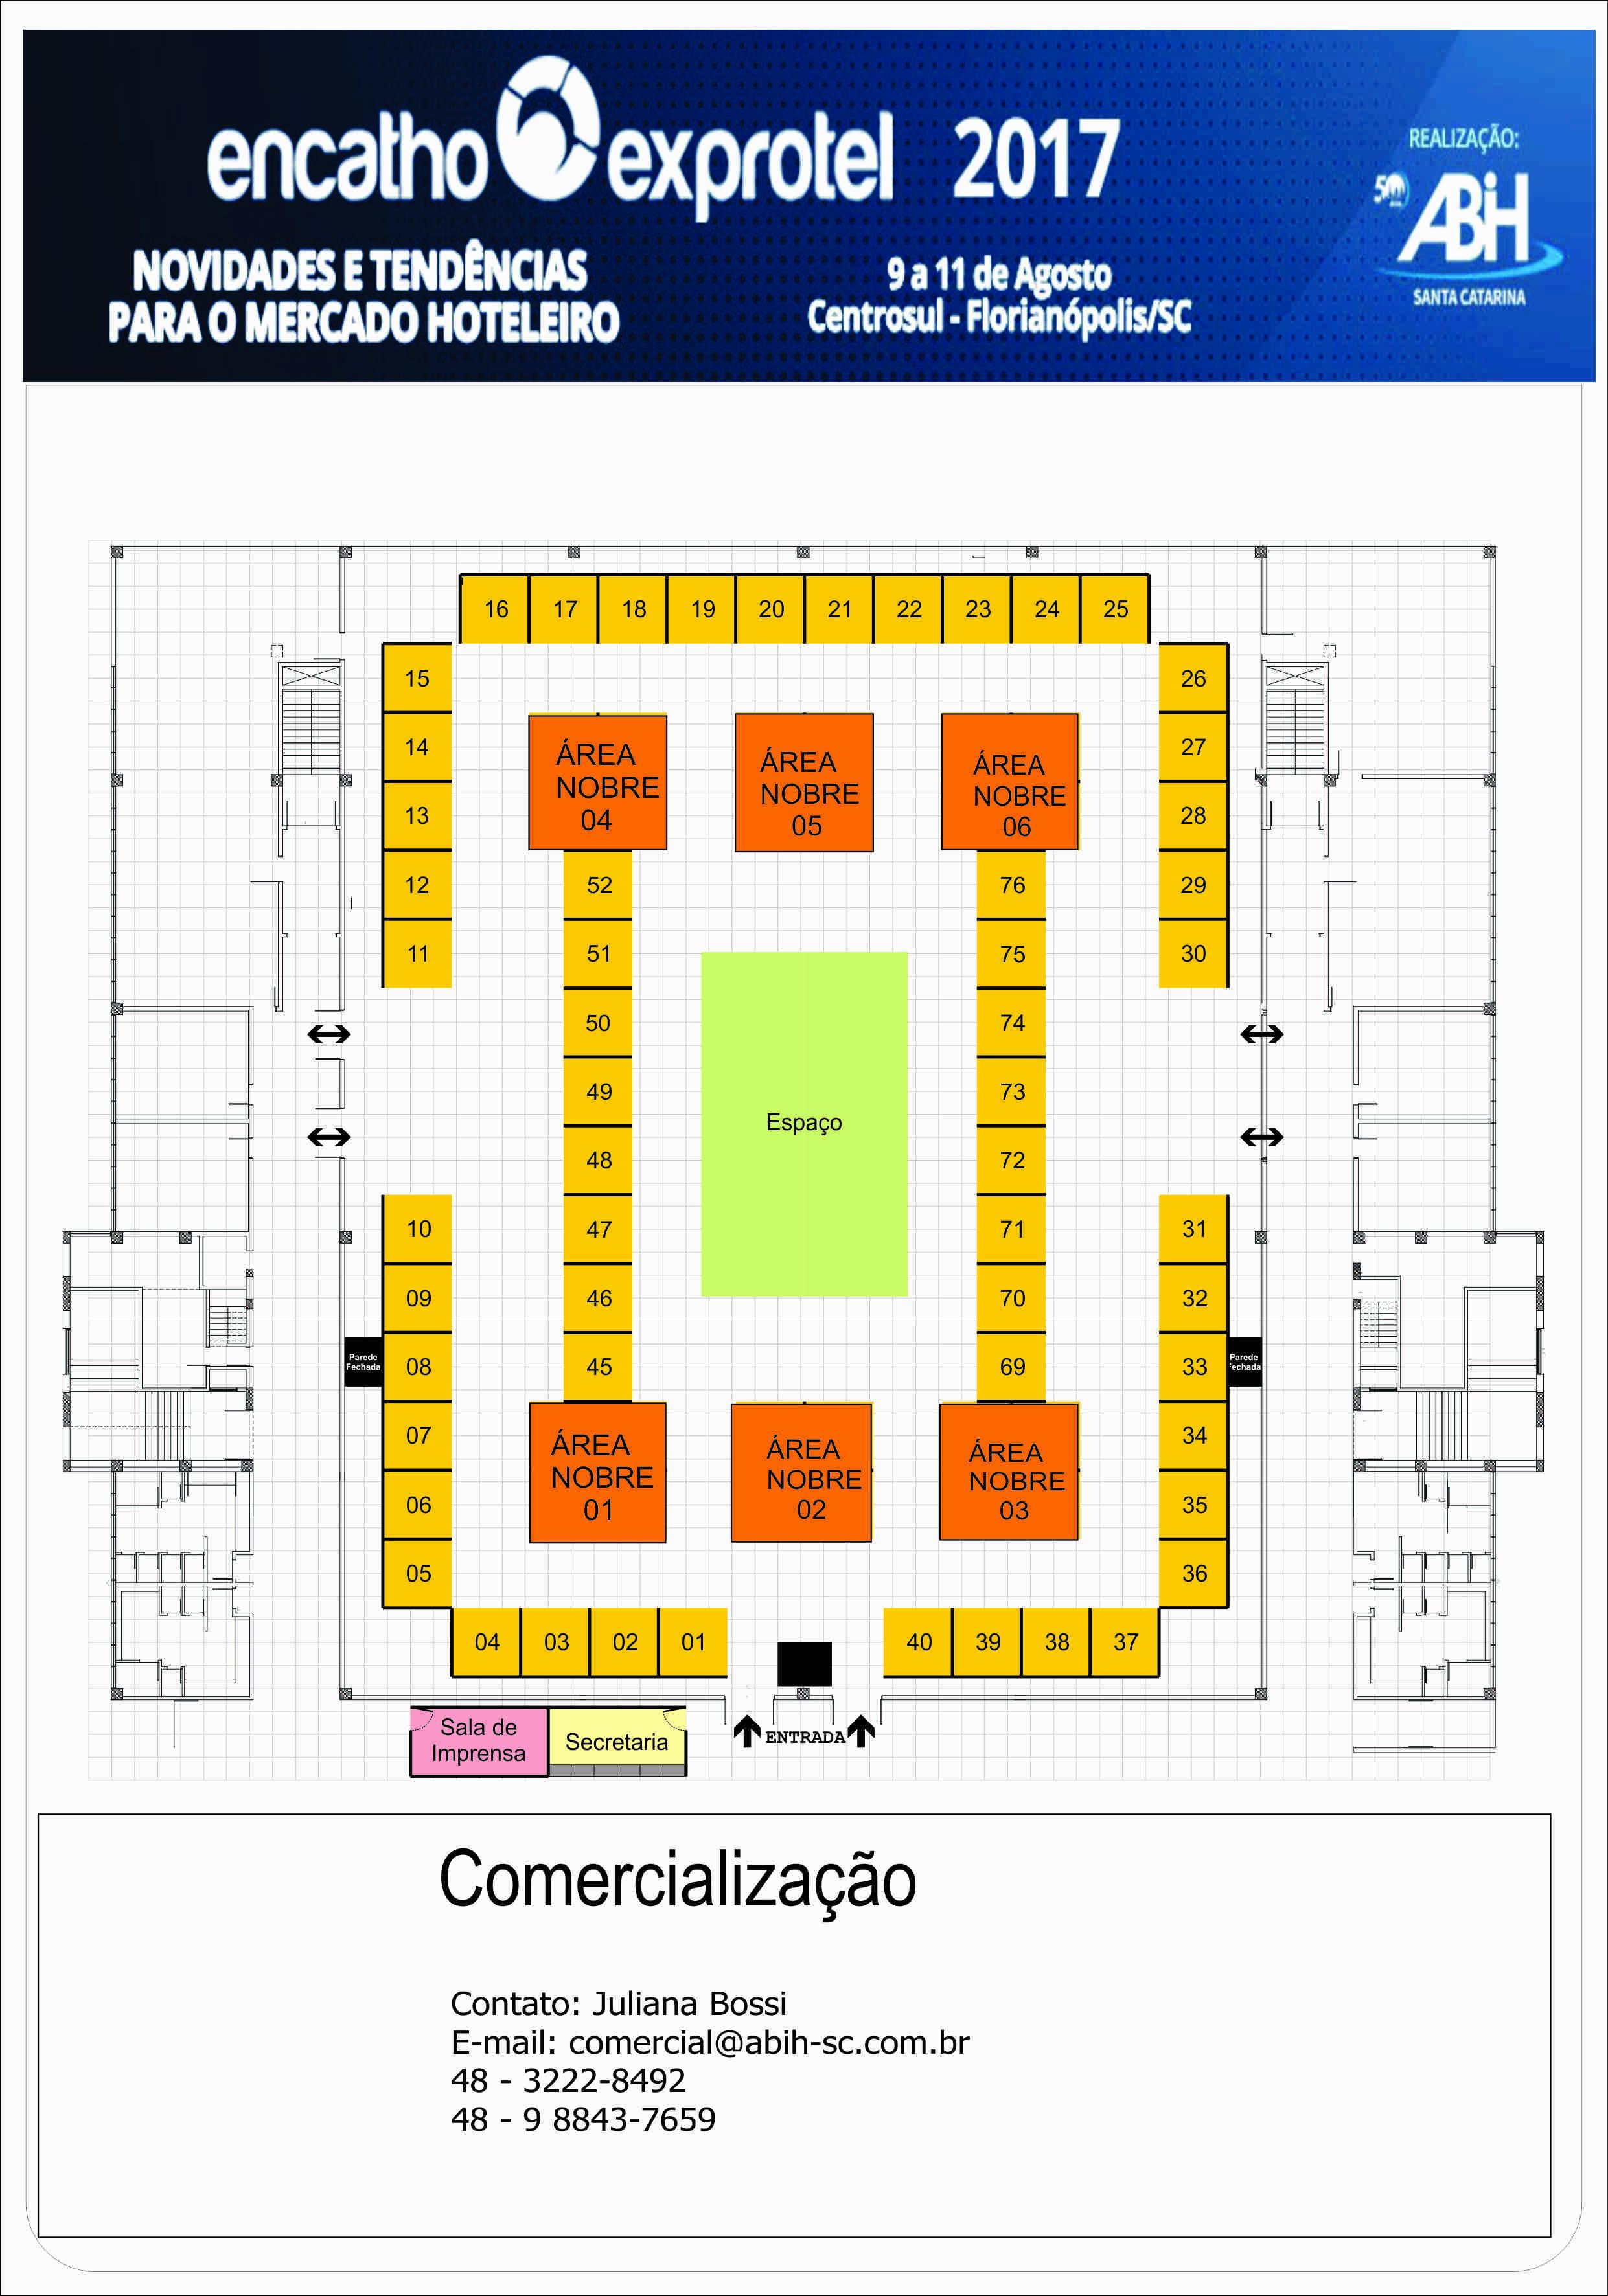 Planta expositores Encatho e Exprotel 2017